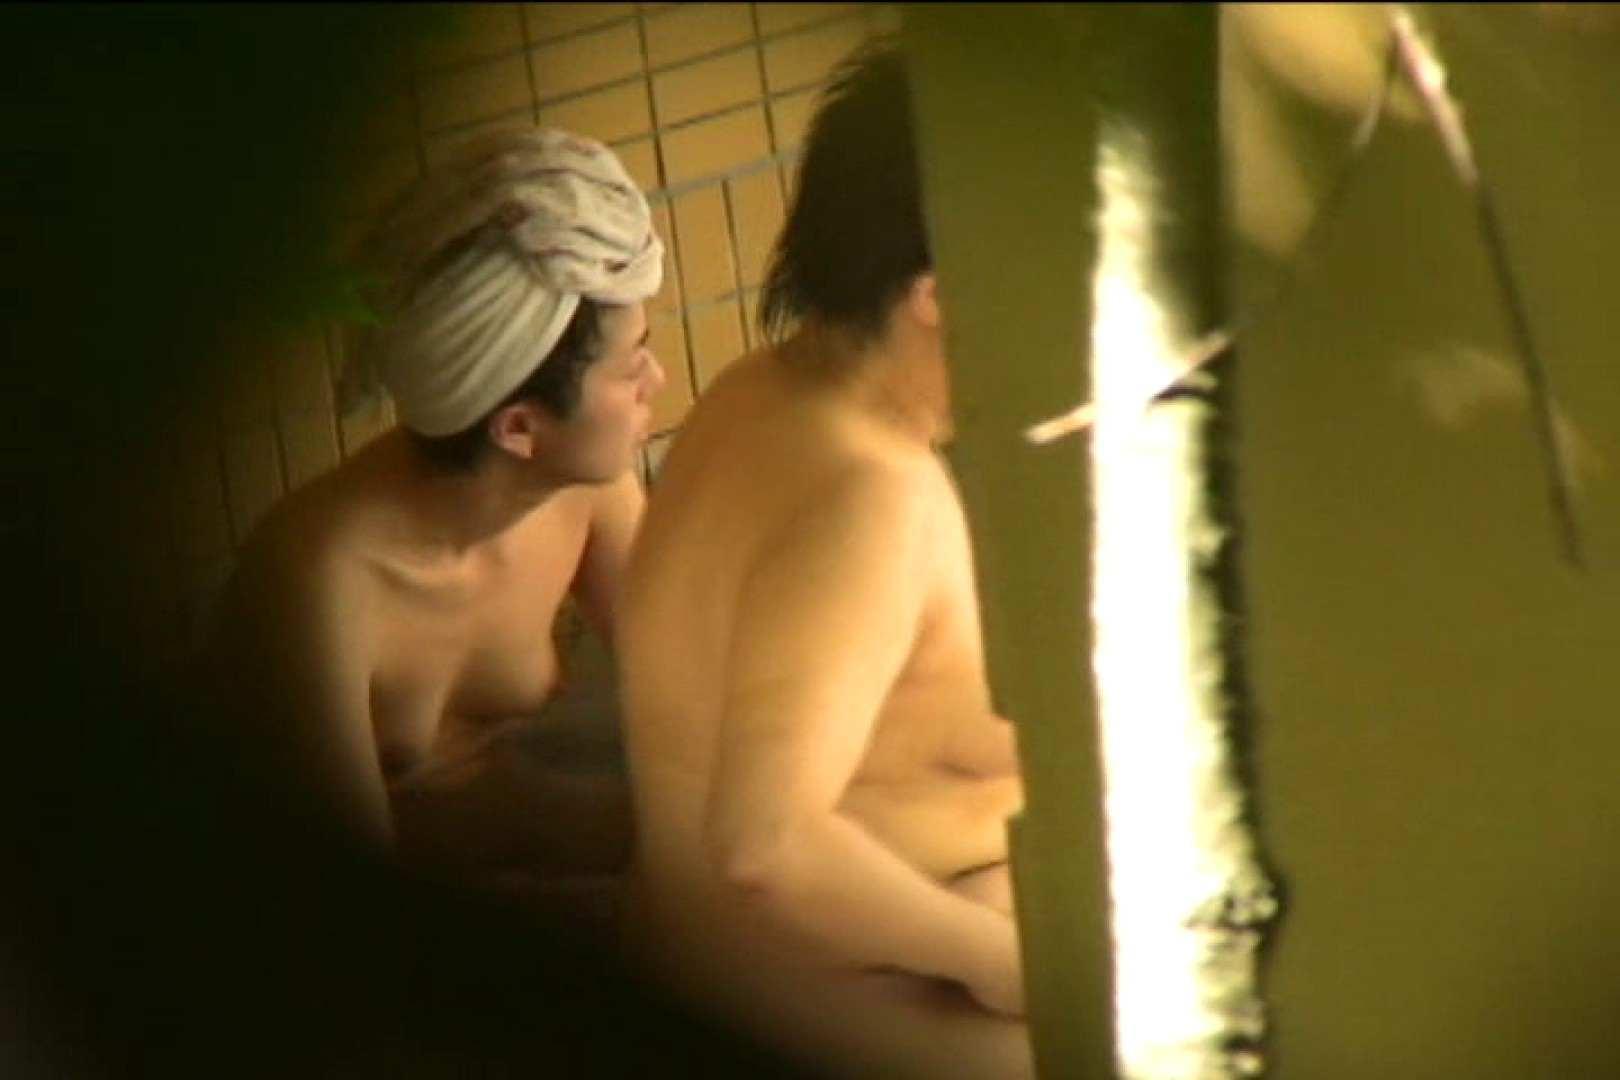 Aquaな露天風呂Vol.454 綺麗なOLたち | 盗撮  92枚 70